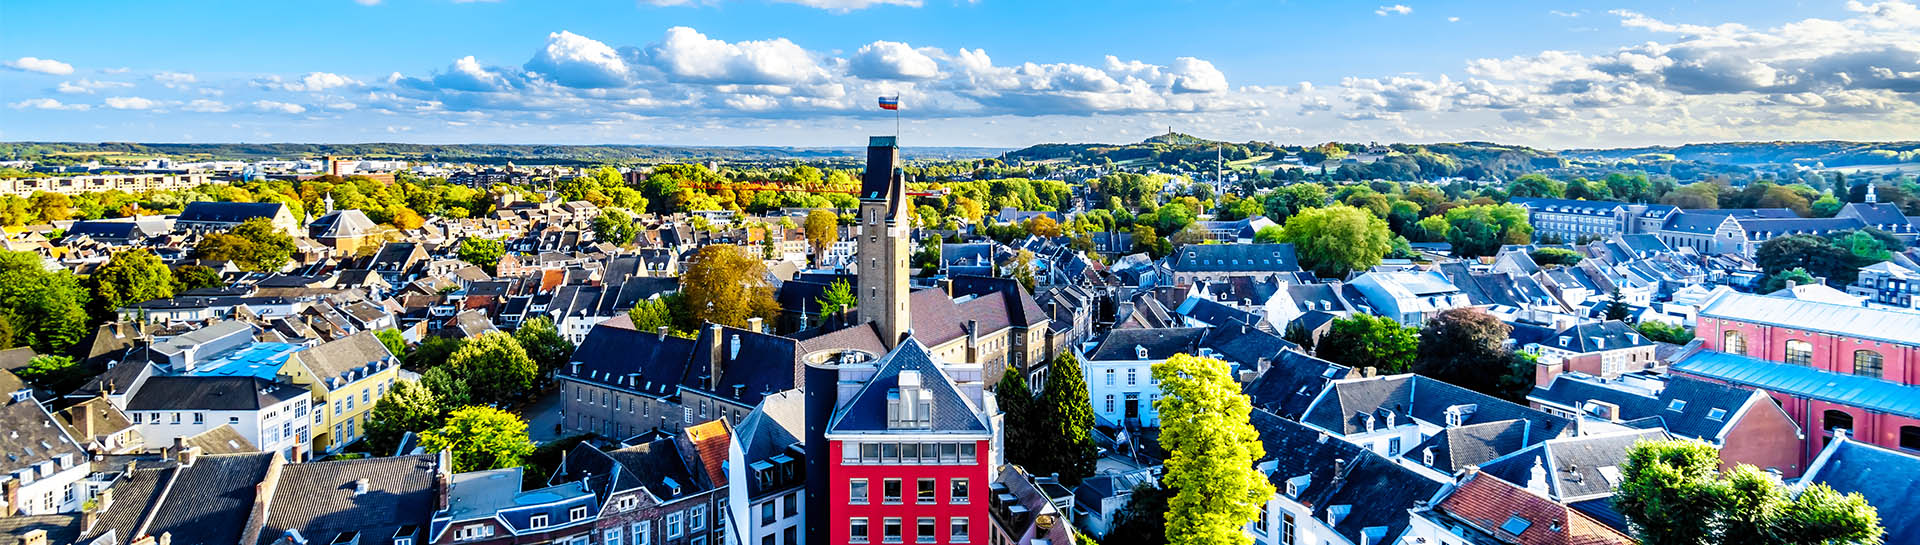 Blik op het Jekerkwartier en de Sint Pietersberg in Maastricht